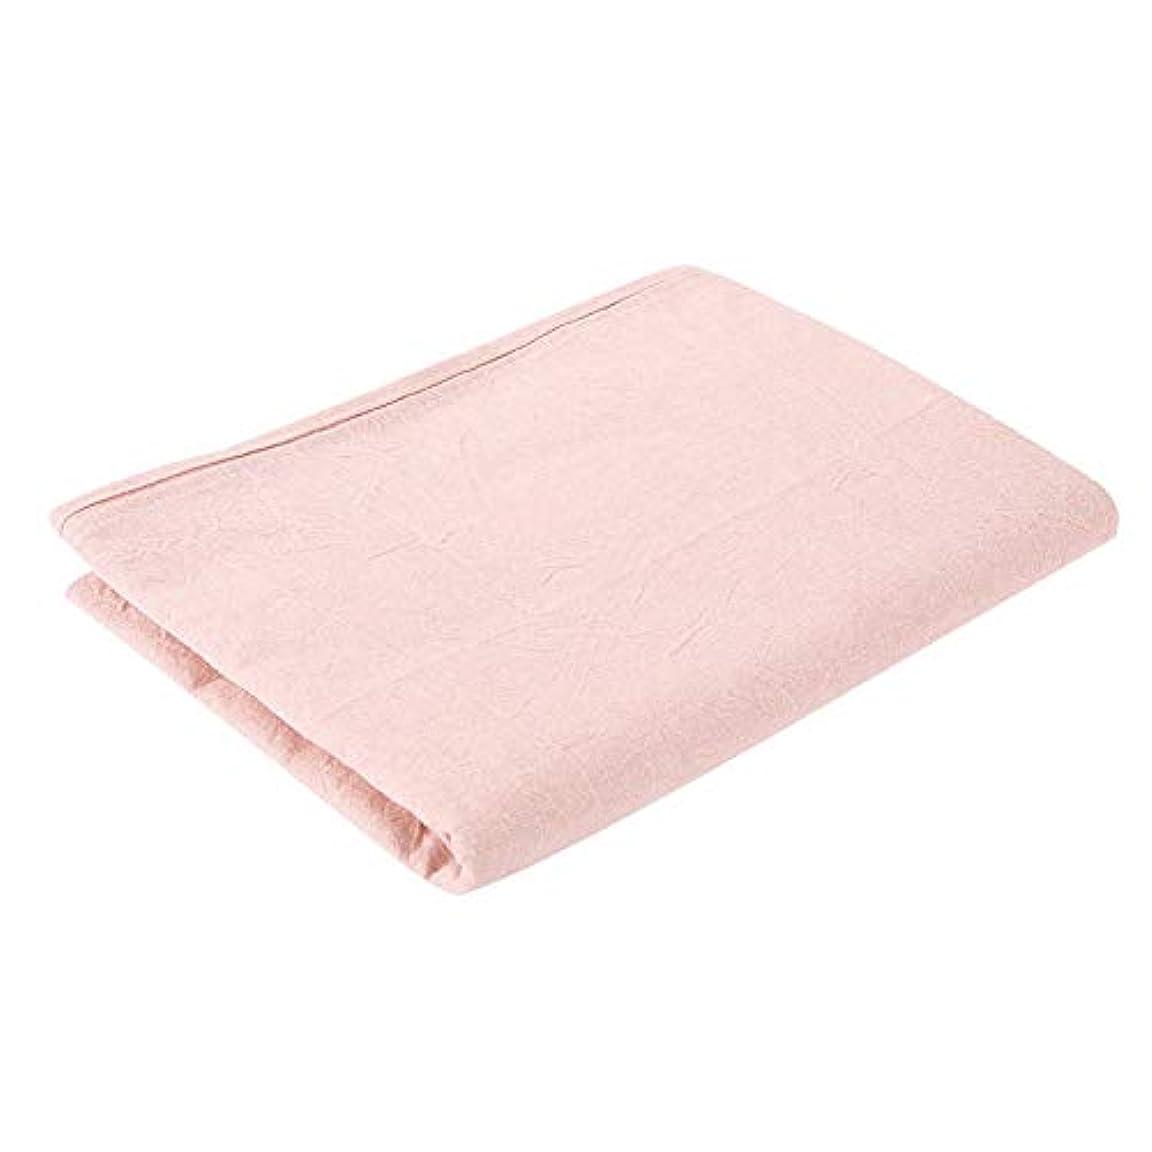 帳面何追加通気性のある 穴が付いている 8色 美容院 マッサージ 鉱泉 ソファー 顔の呼吸穴が付いている カバー 柔らかい 綿 ベッド カバー(07)